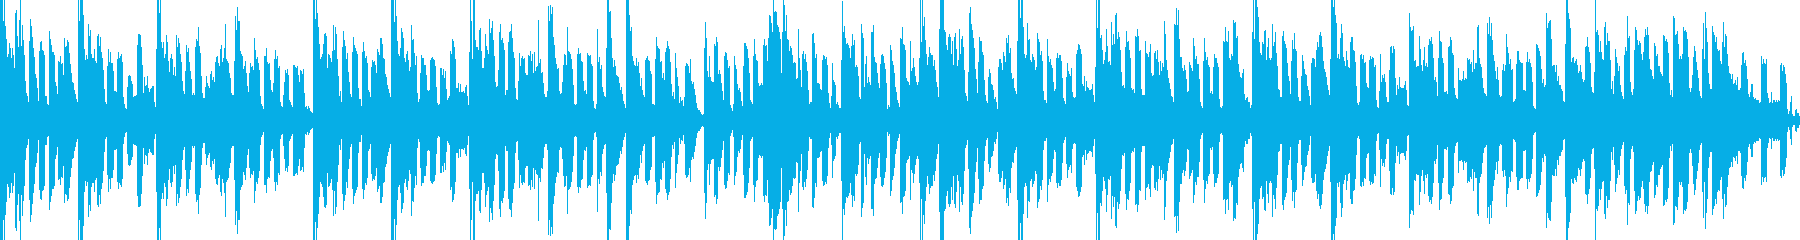 明るくグルーヴィでお洒落なピアノジングルの再生済みの波形